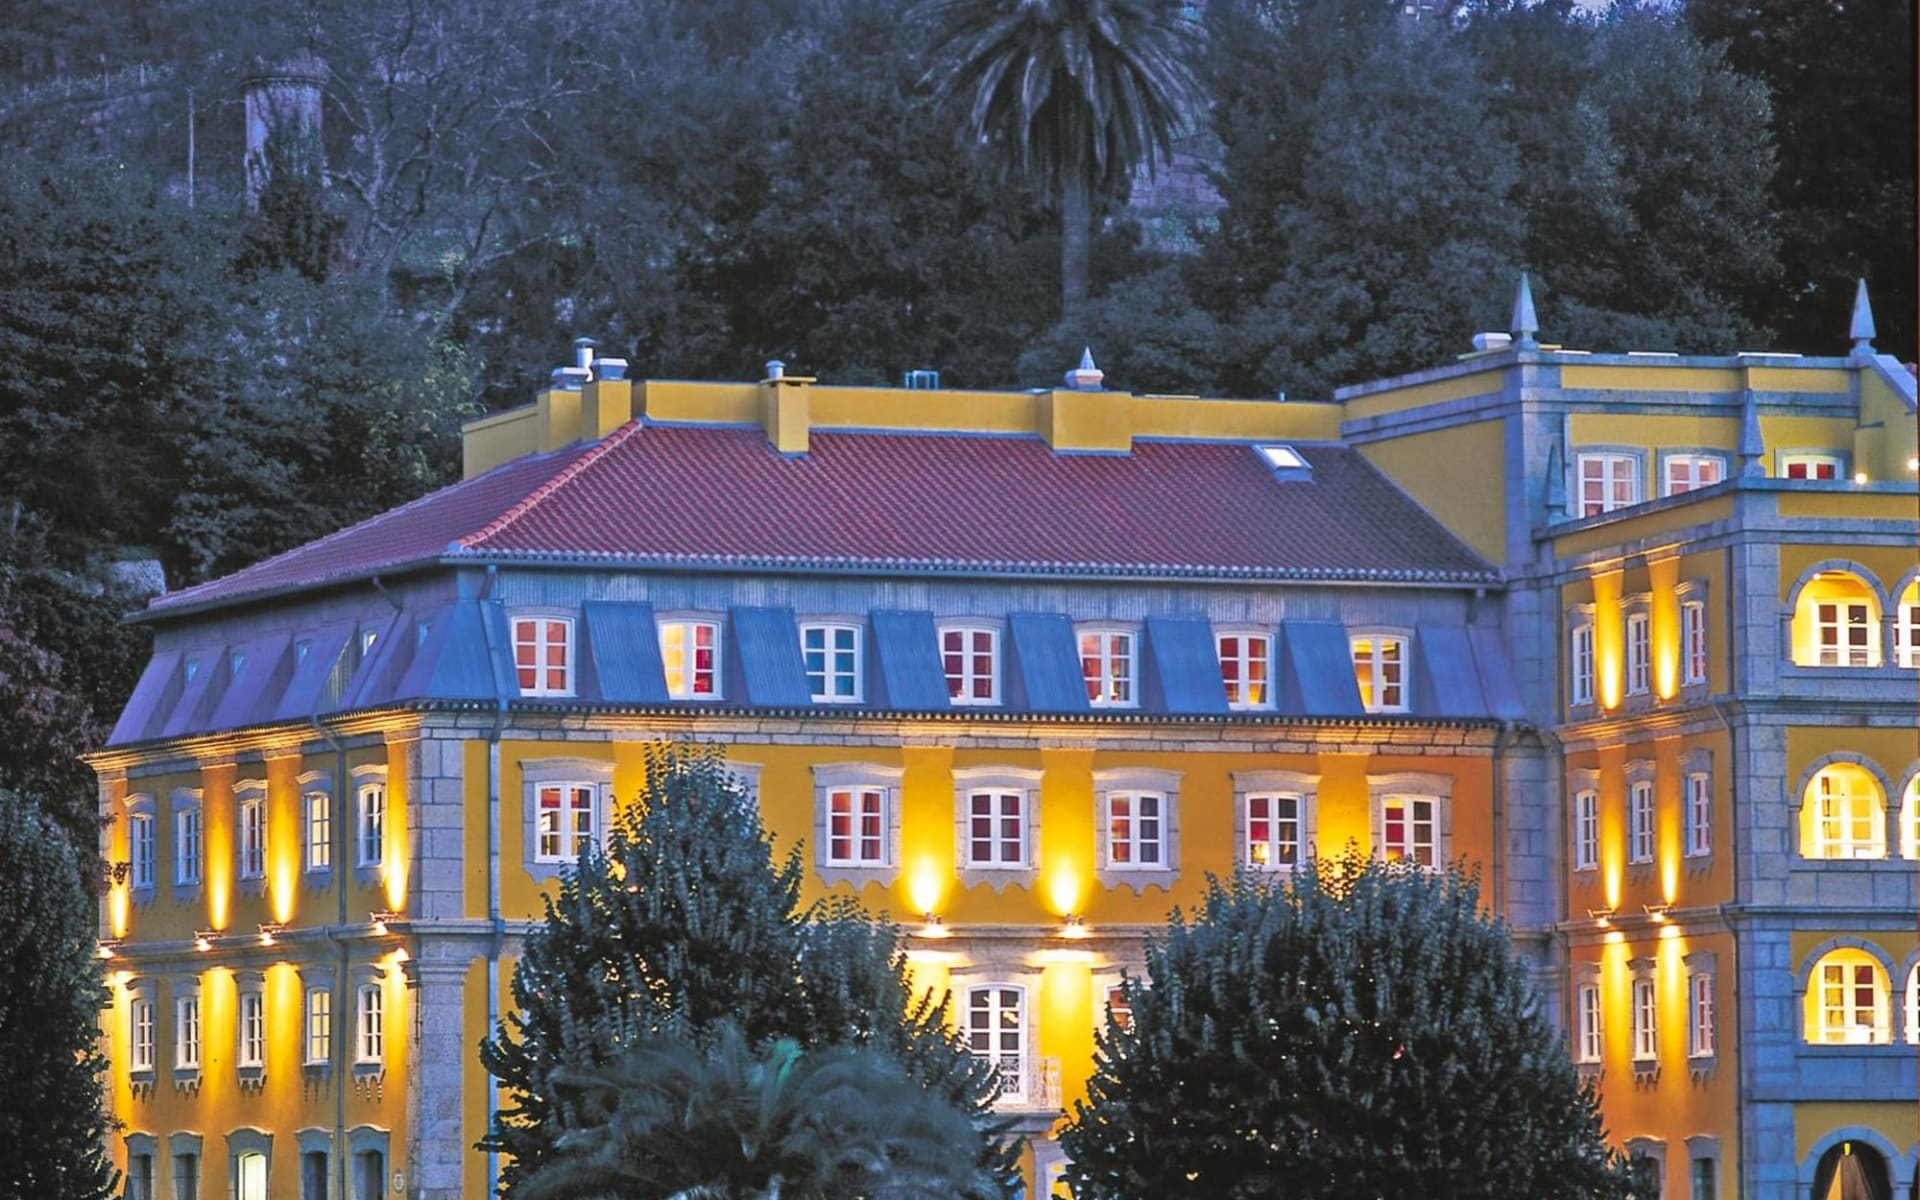 Casa da Calçada Relais & Chateau in Amarante: Casa da Calçade Relais & Chateaux - Aussenansicht